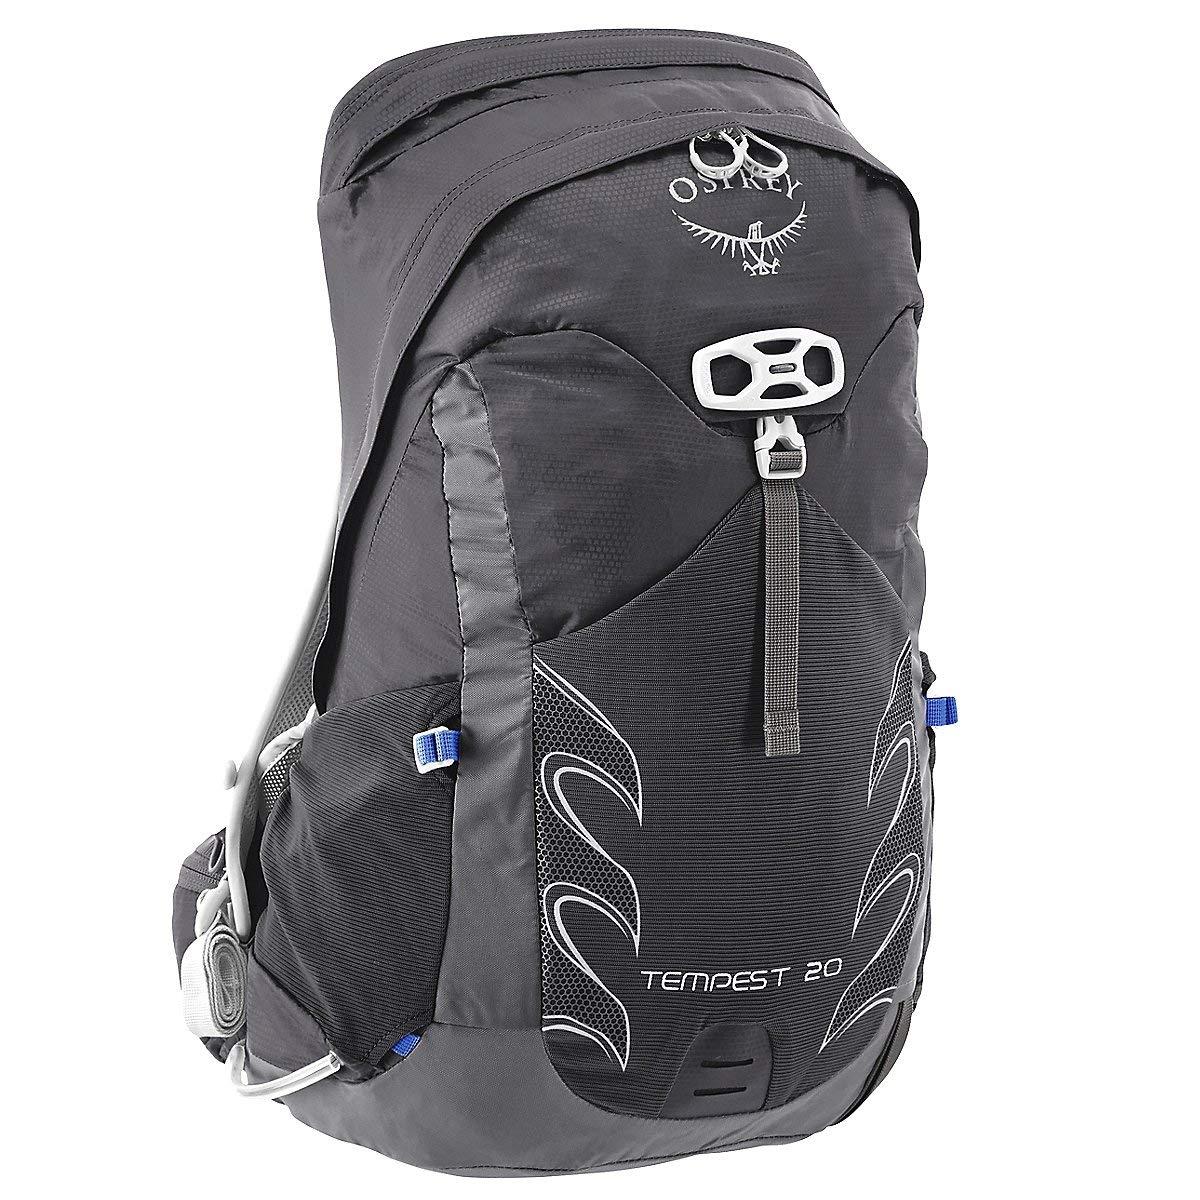 Osprey Packs Tempest 20L Backpack - Women's Black, S/M